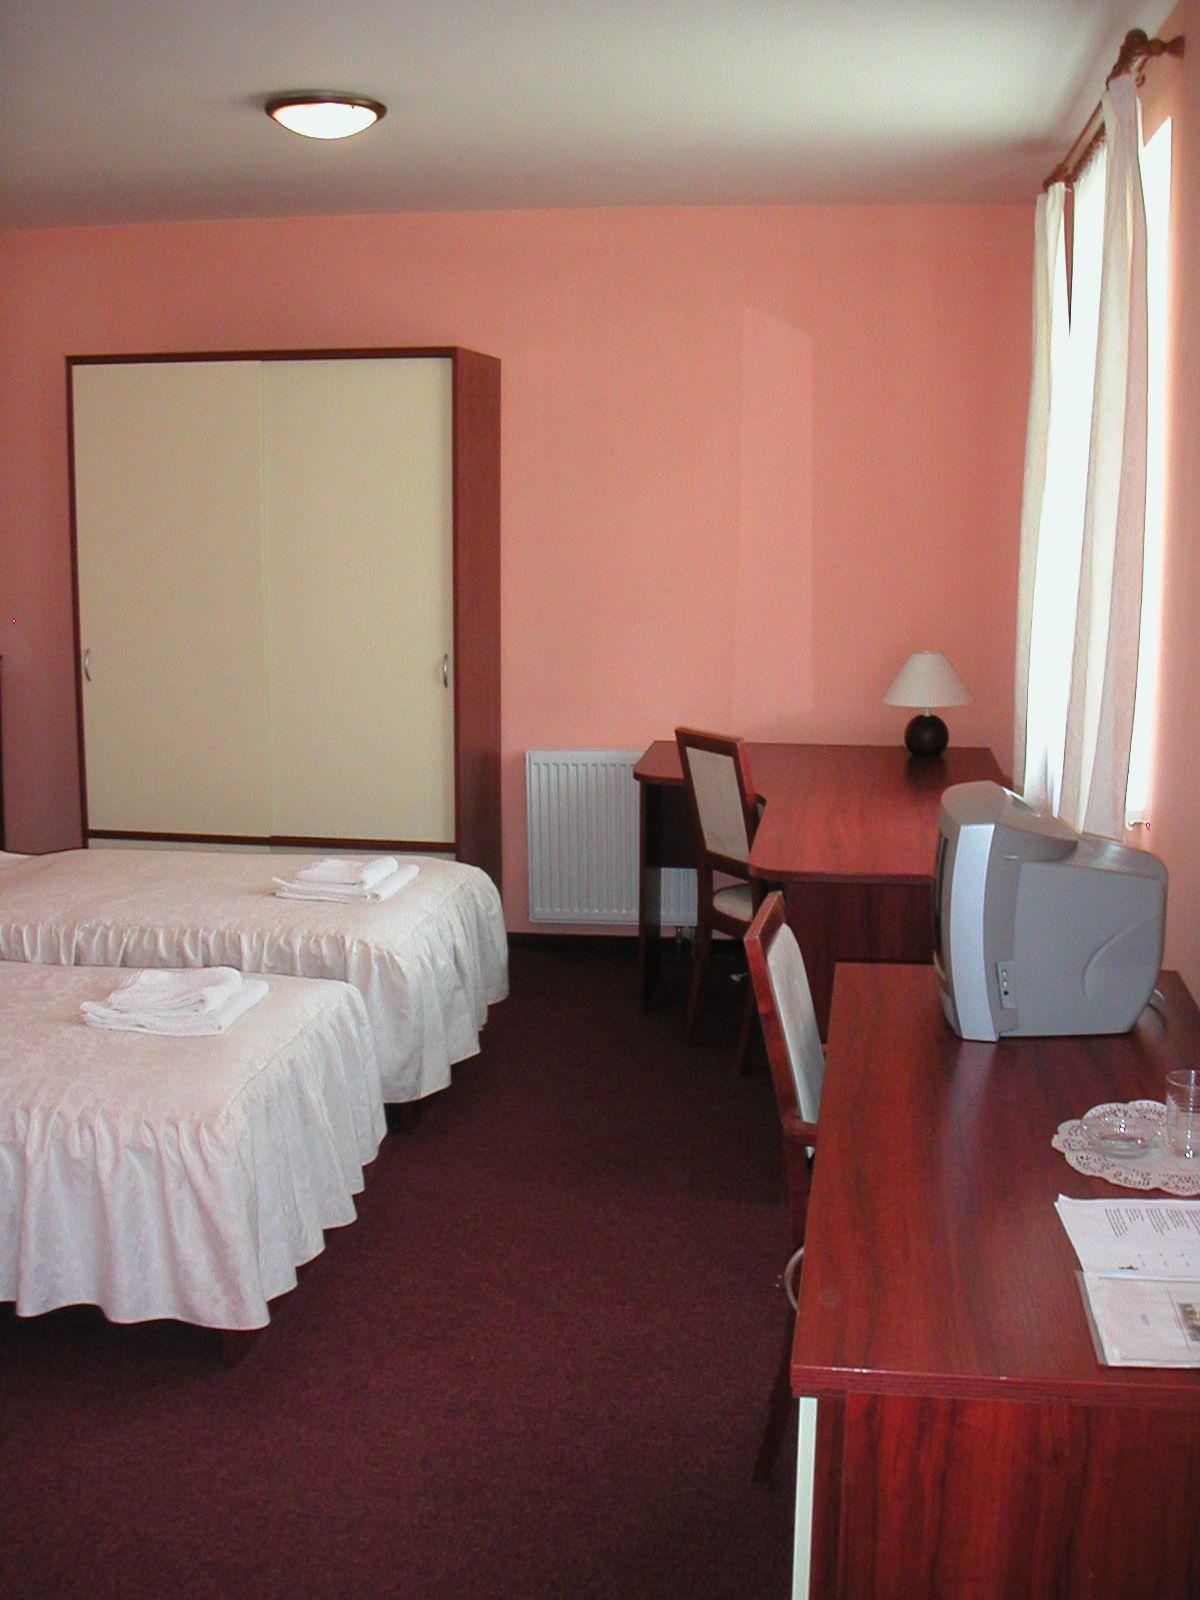 hotel turowka wieliczka krakow spa szállás szállodavoucher kupon utalvány ajándék voucher